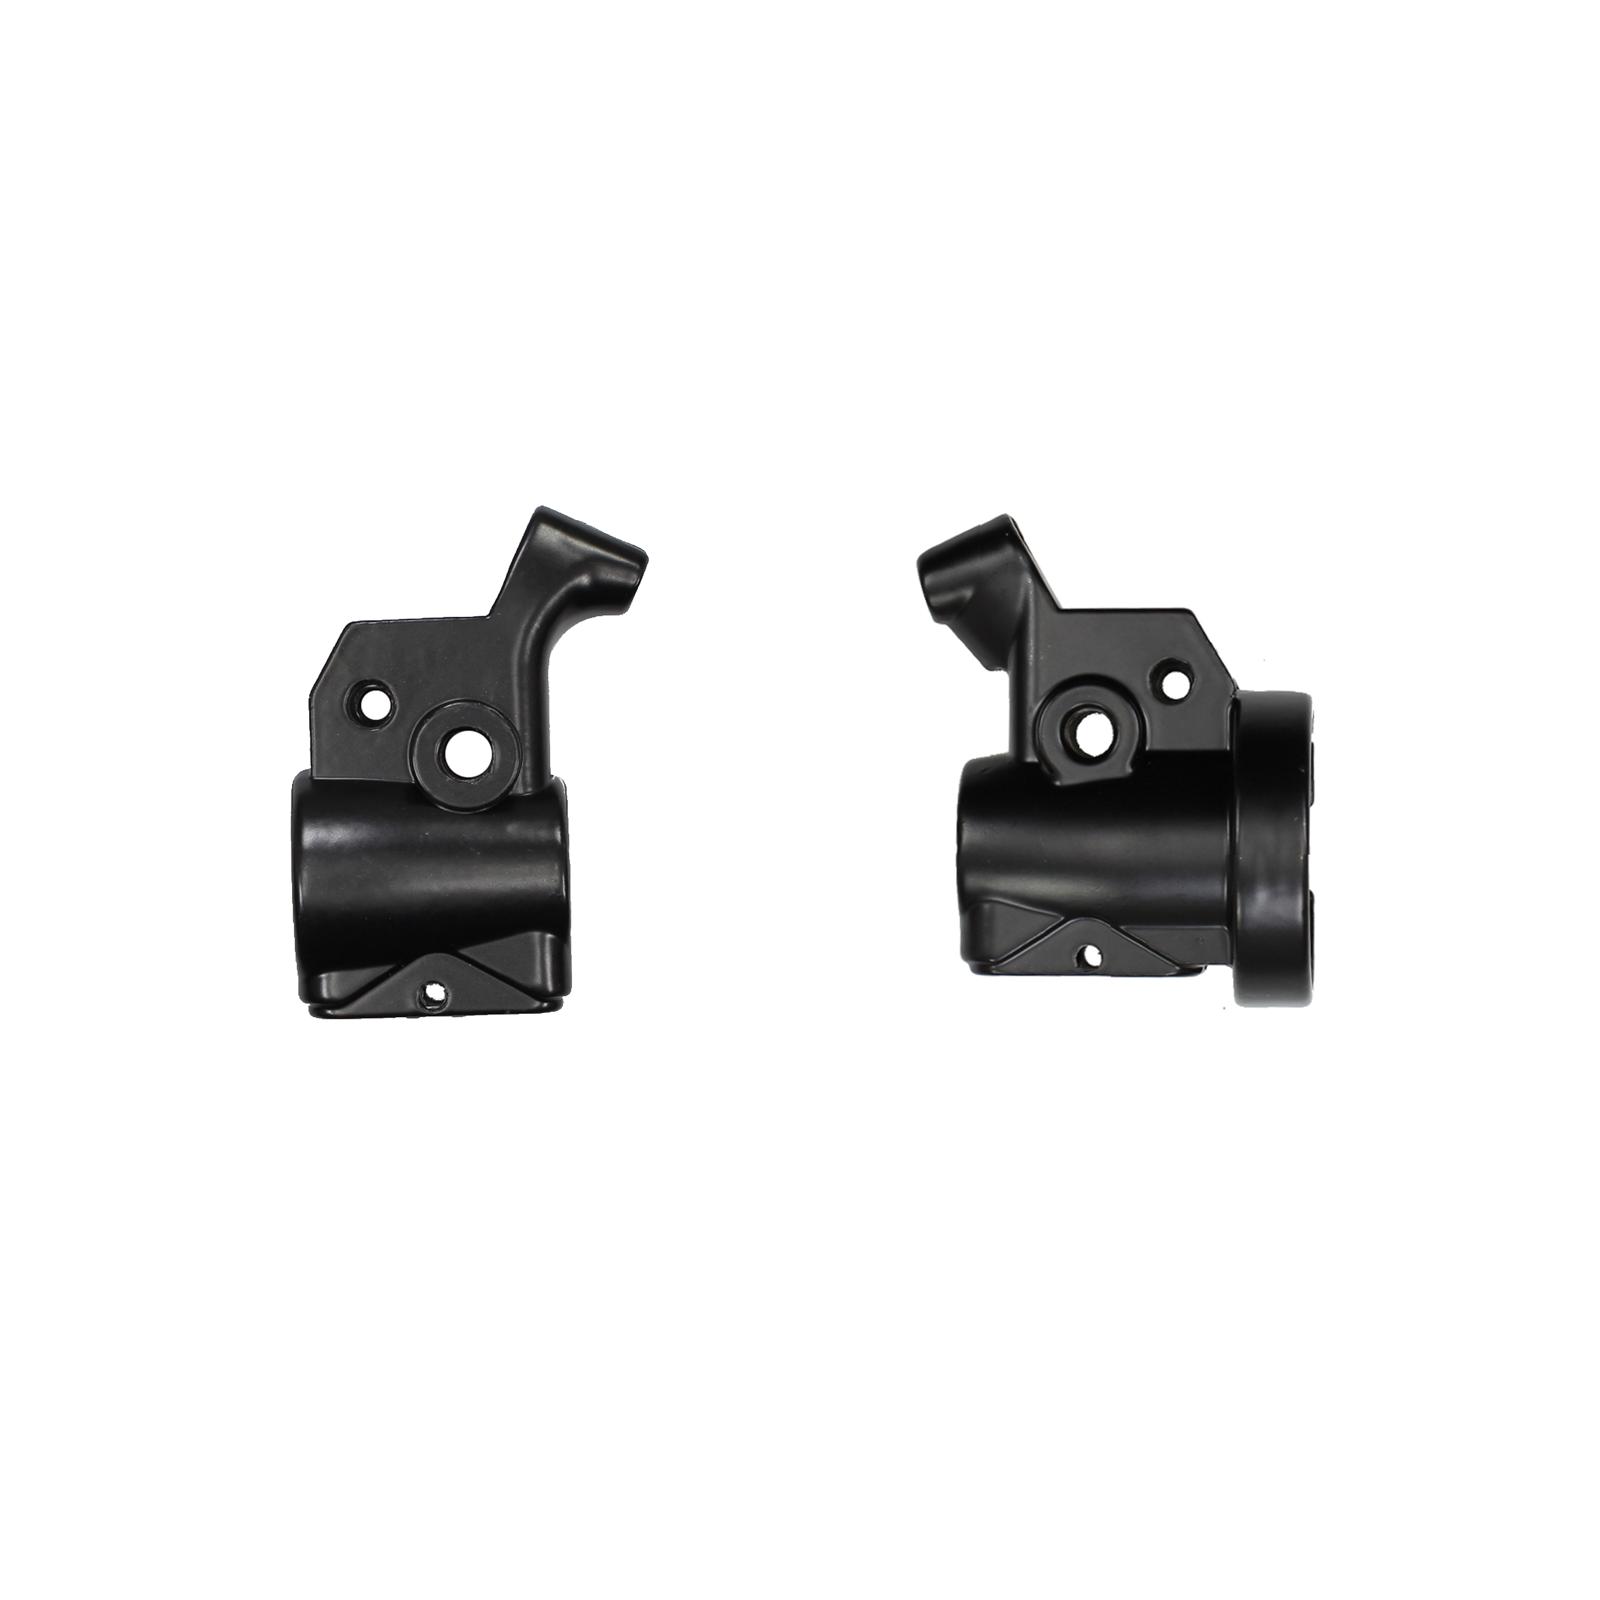 KR51//2 passend für Simson S50 Starterzugwiderlager vom Gasgriff KR51//1